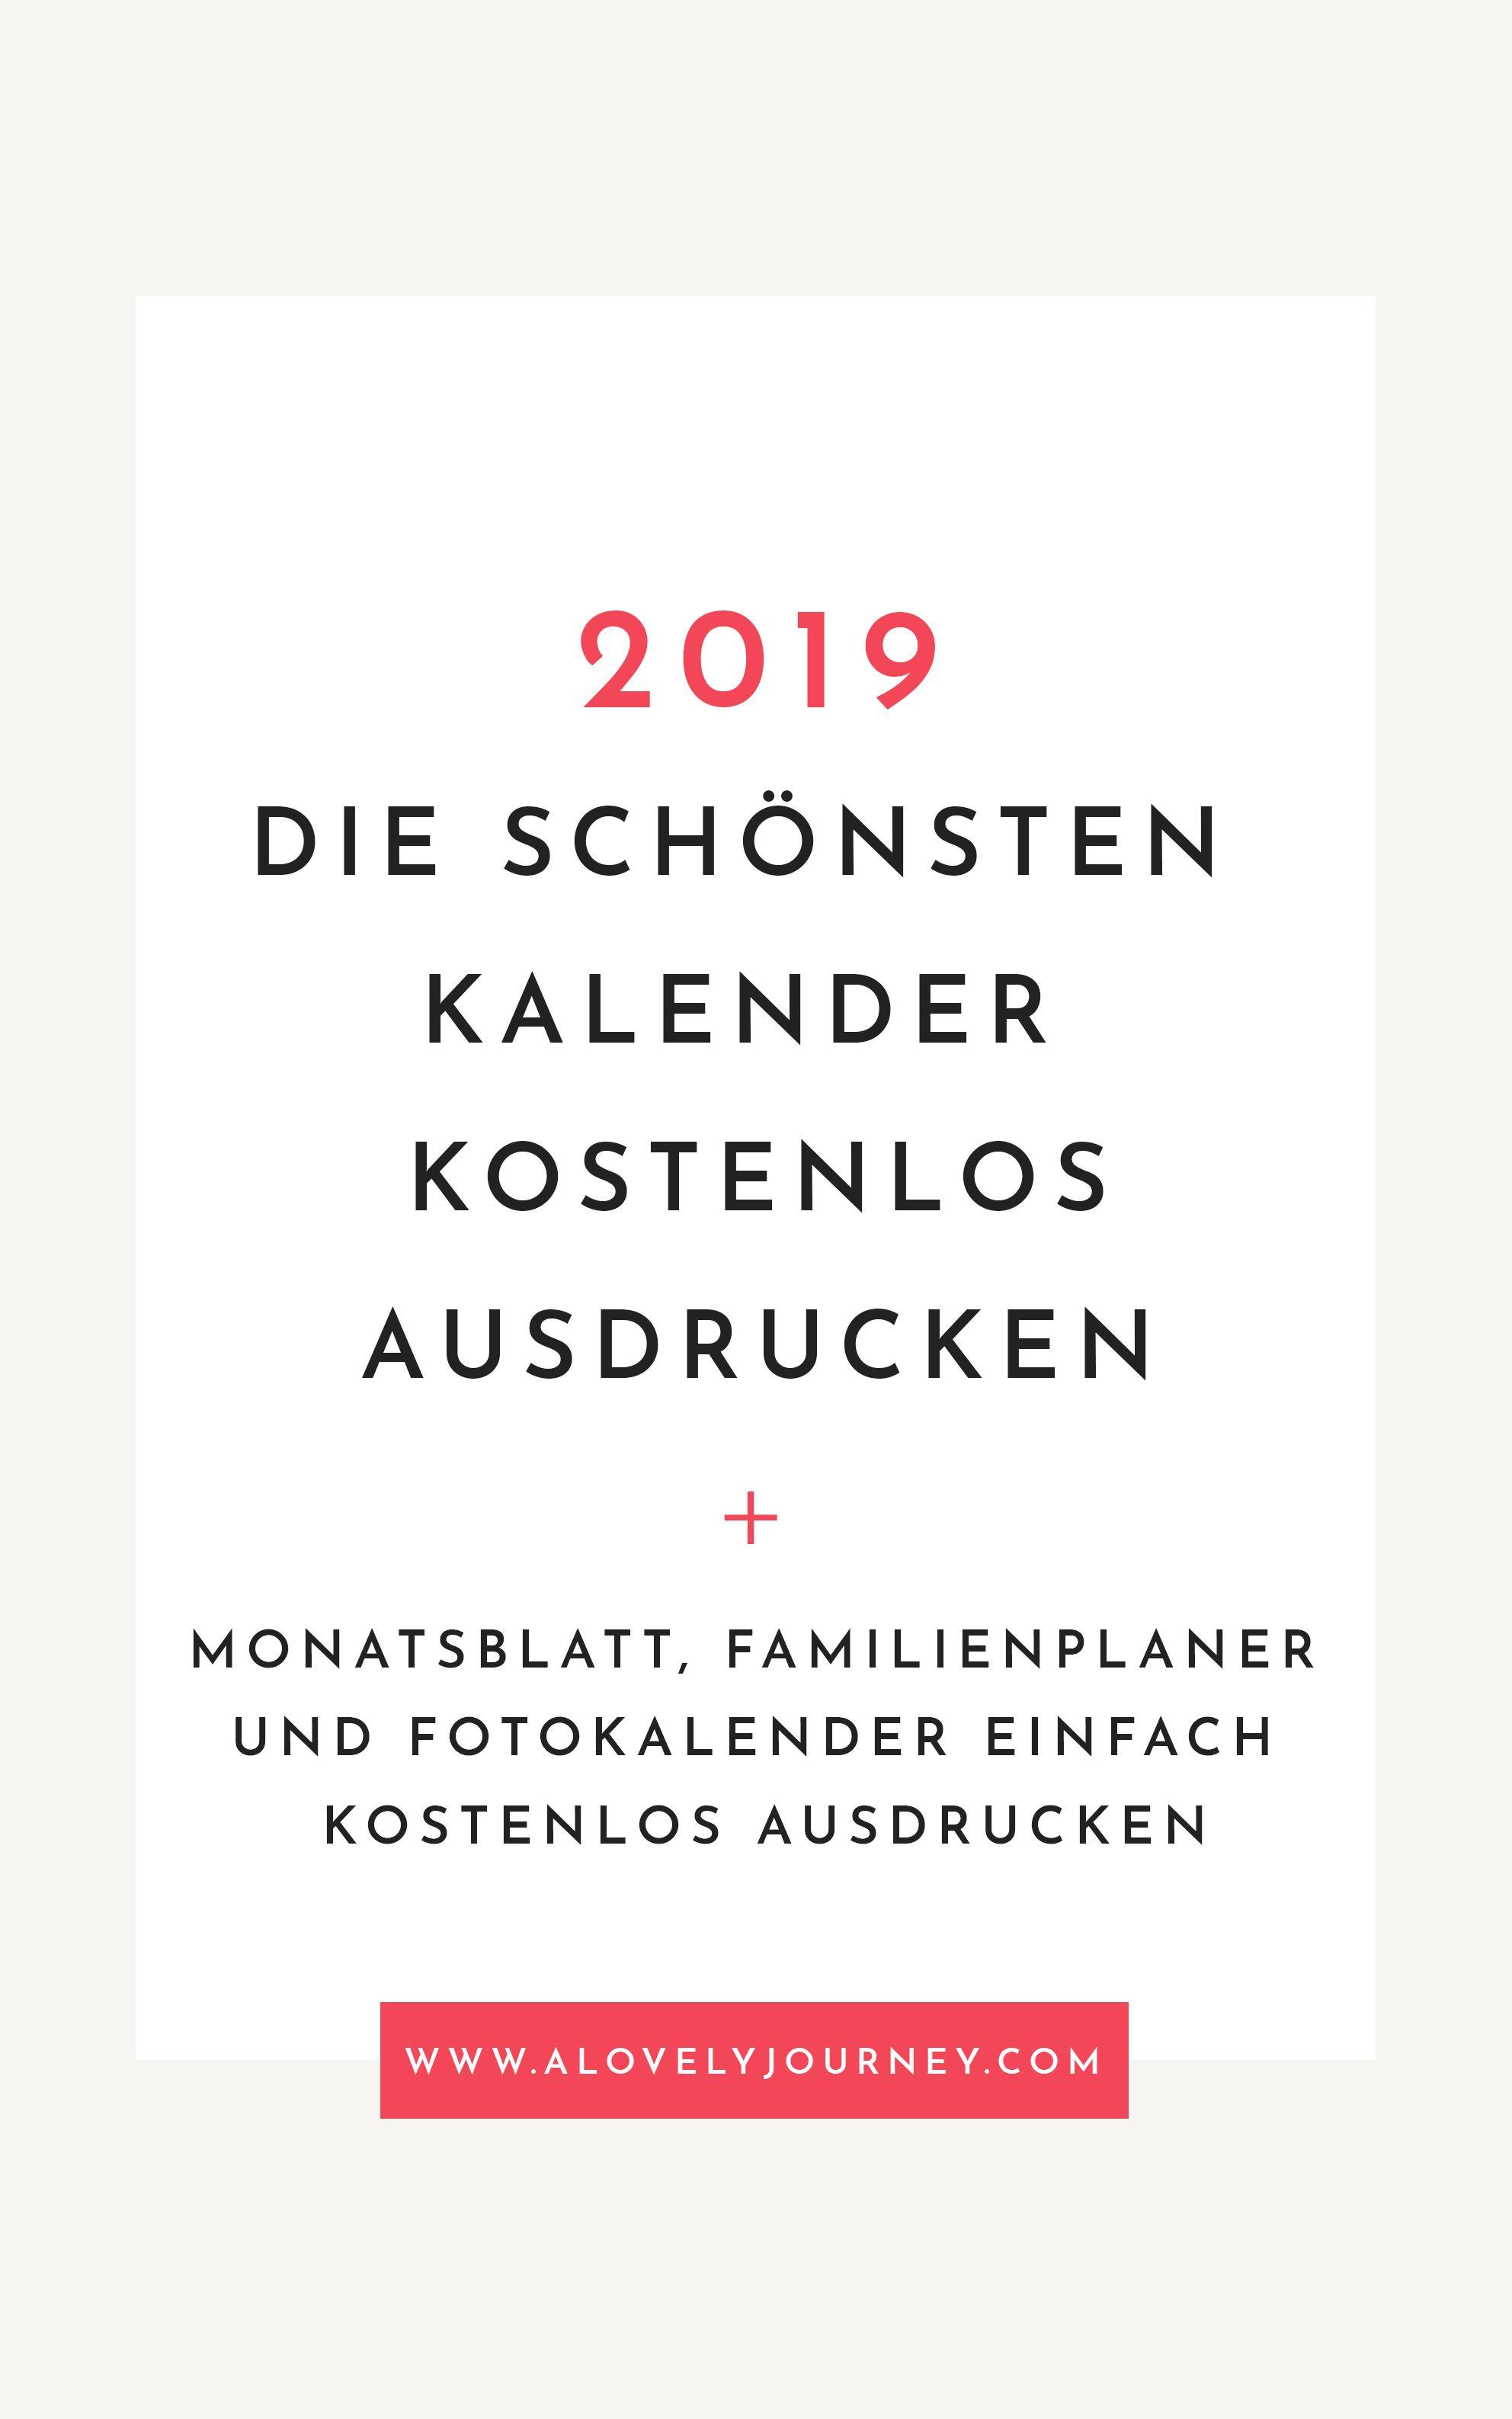 Organisiert Die Schonsten Kalender 2019 Kostenlos Ausducken